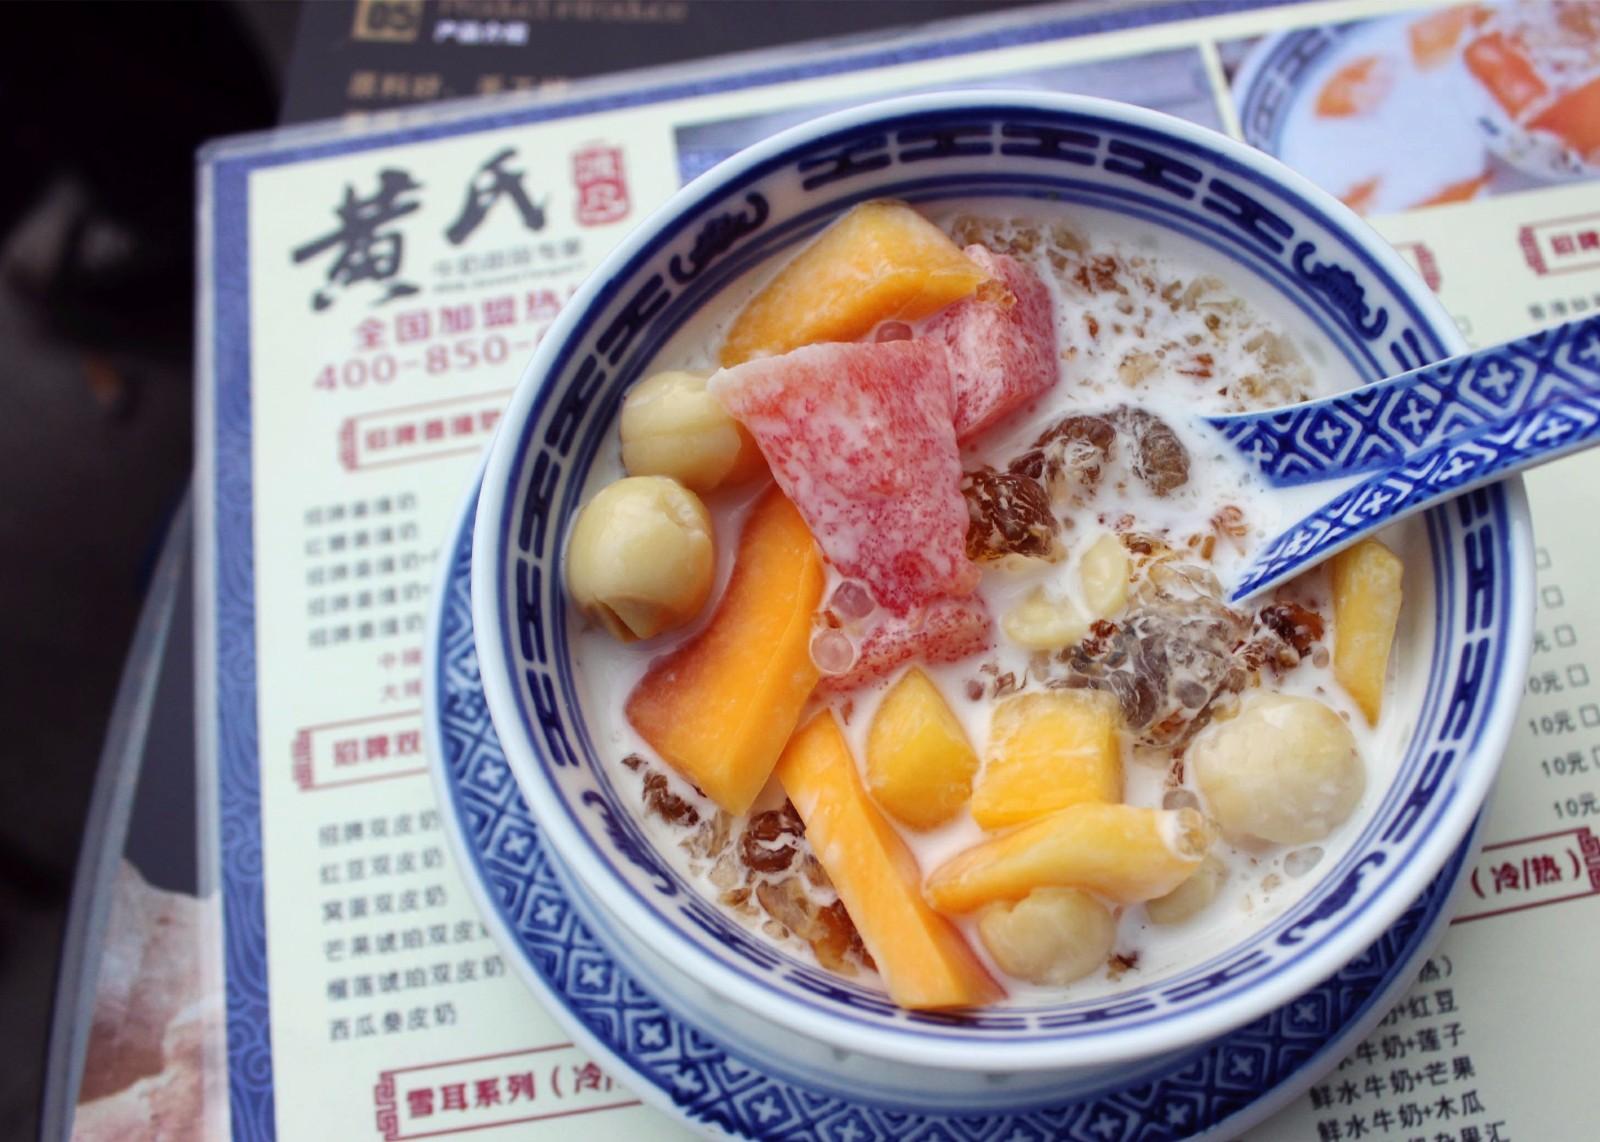 桃胶|黄氏甜品系列-黄氏渡凡